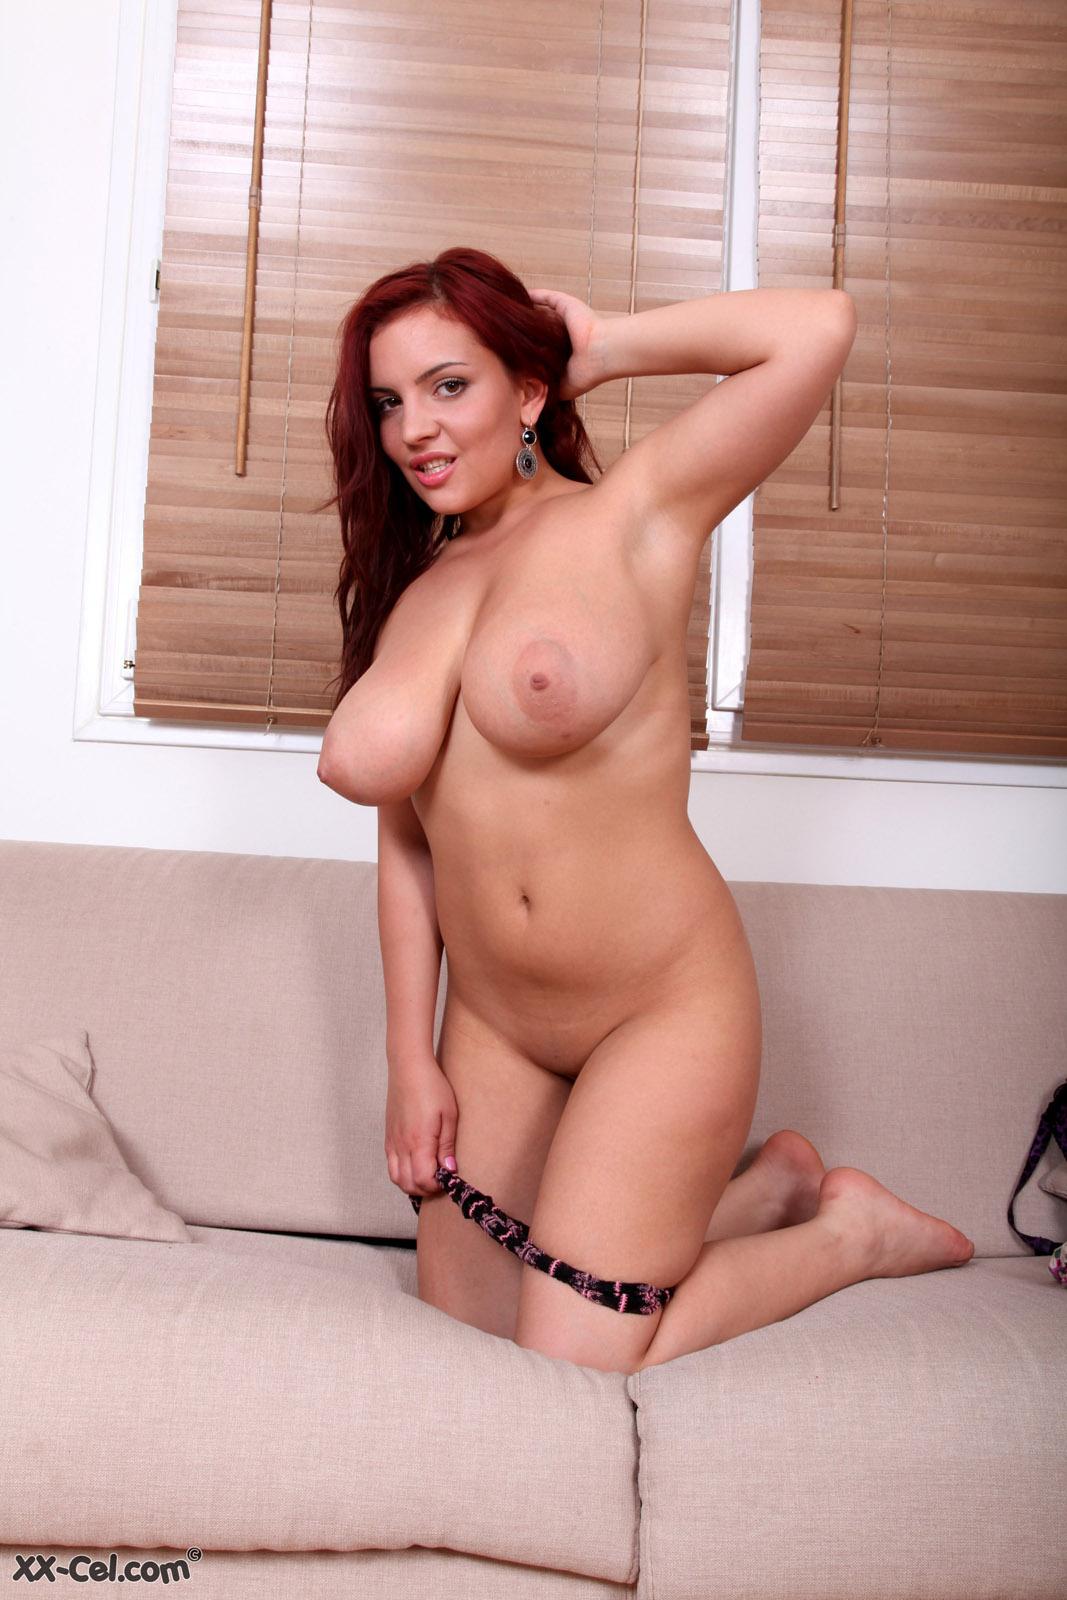 Lana ivans big tits